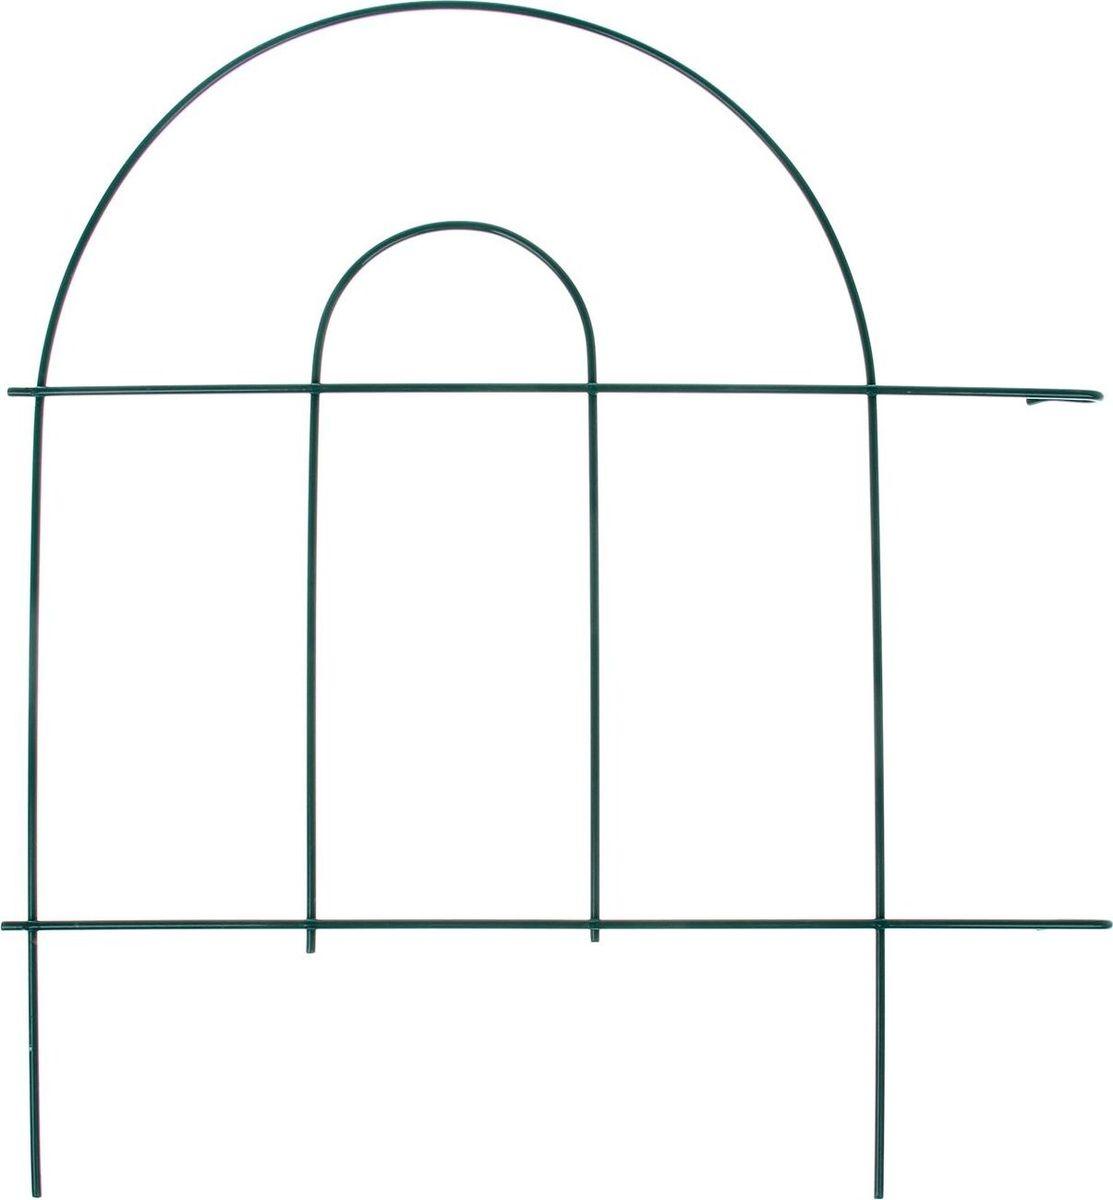 Ограждение садовое декоративное, 1 секция, 50 х 70 см531-105Ограждение декоративное 50 х 70 см, 1 секция, без заглушек, металл ? то, что отличает обычный сад от места, где хозяин вкладывает всю свою душу. Искусное плетение из стального прута украсит участок и придаст ему схожесть со сказочными замками и шато. Сюда захочется приводить друзей и проводить как можно больше времени на свежем воздухе!Оцените достоинства изделия:позволяет разбить участок на отдельные зонызащищает клумбы и грядки от случайного проникновения домашних животных и маленьких детейне затеняет почвуможет быть использован в качестве опоры для растений.Ограждение декоративное 50 х 70 см, 1 секция, без заглушек, металл изготовлен из прочной стали отечественными мастерами, а это значит, что изделие прослужит очень долго.Дача, которая раньше была местом работы, станет местом отдыха! Закажите на сайте сейчас и преобразите ваш участок!